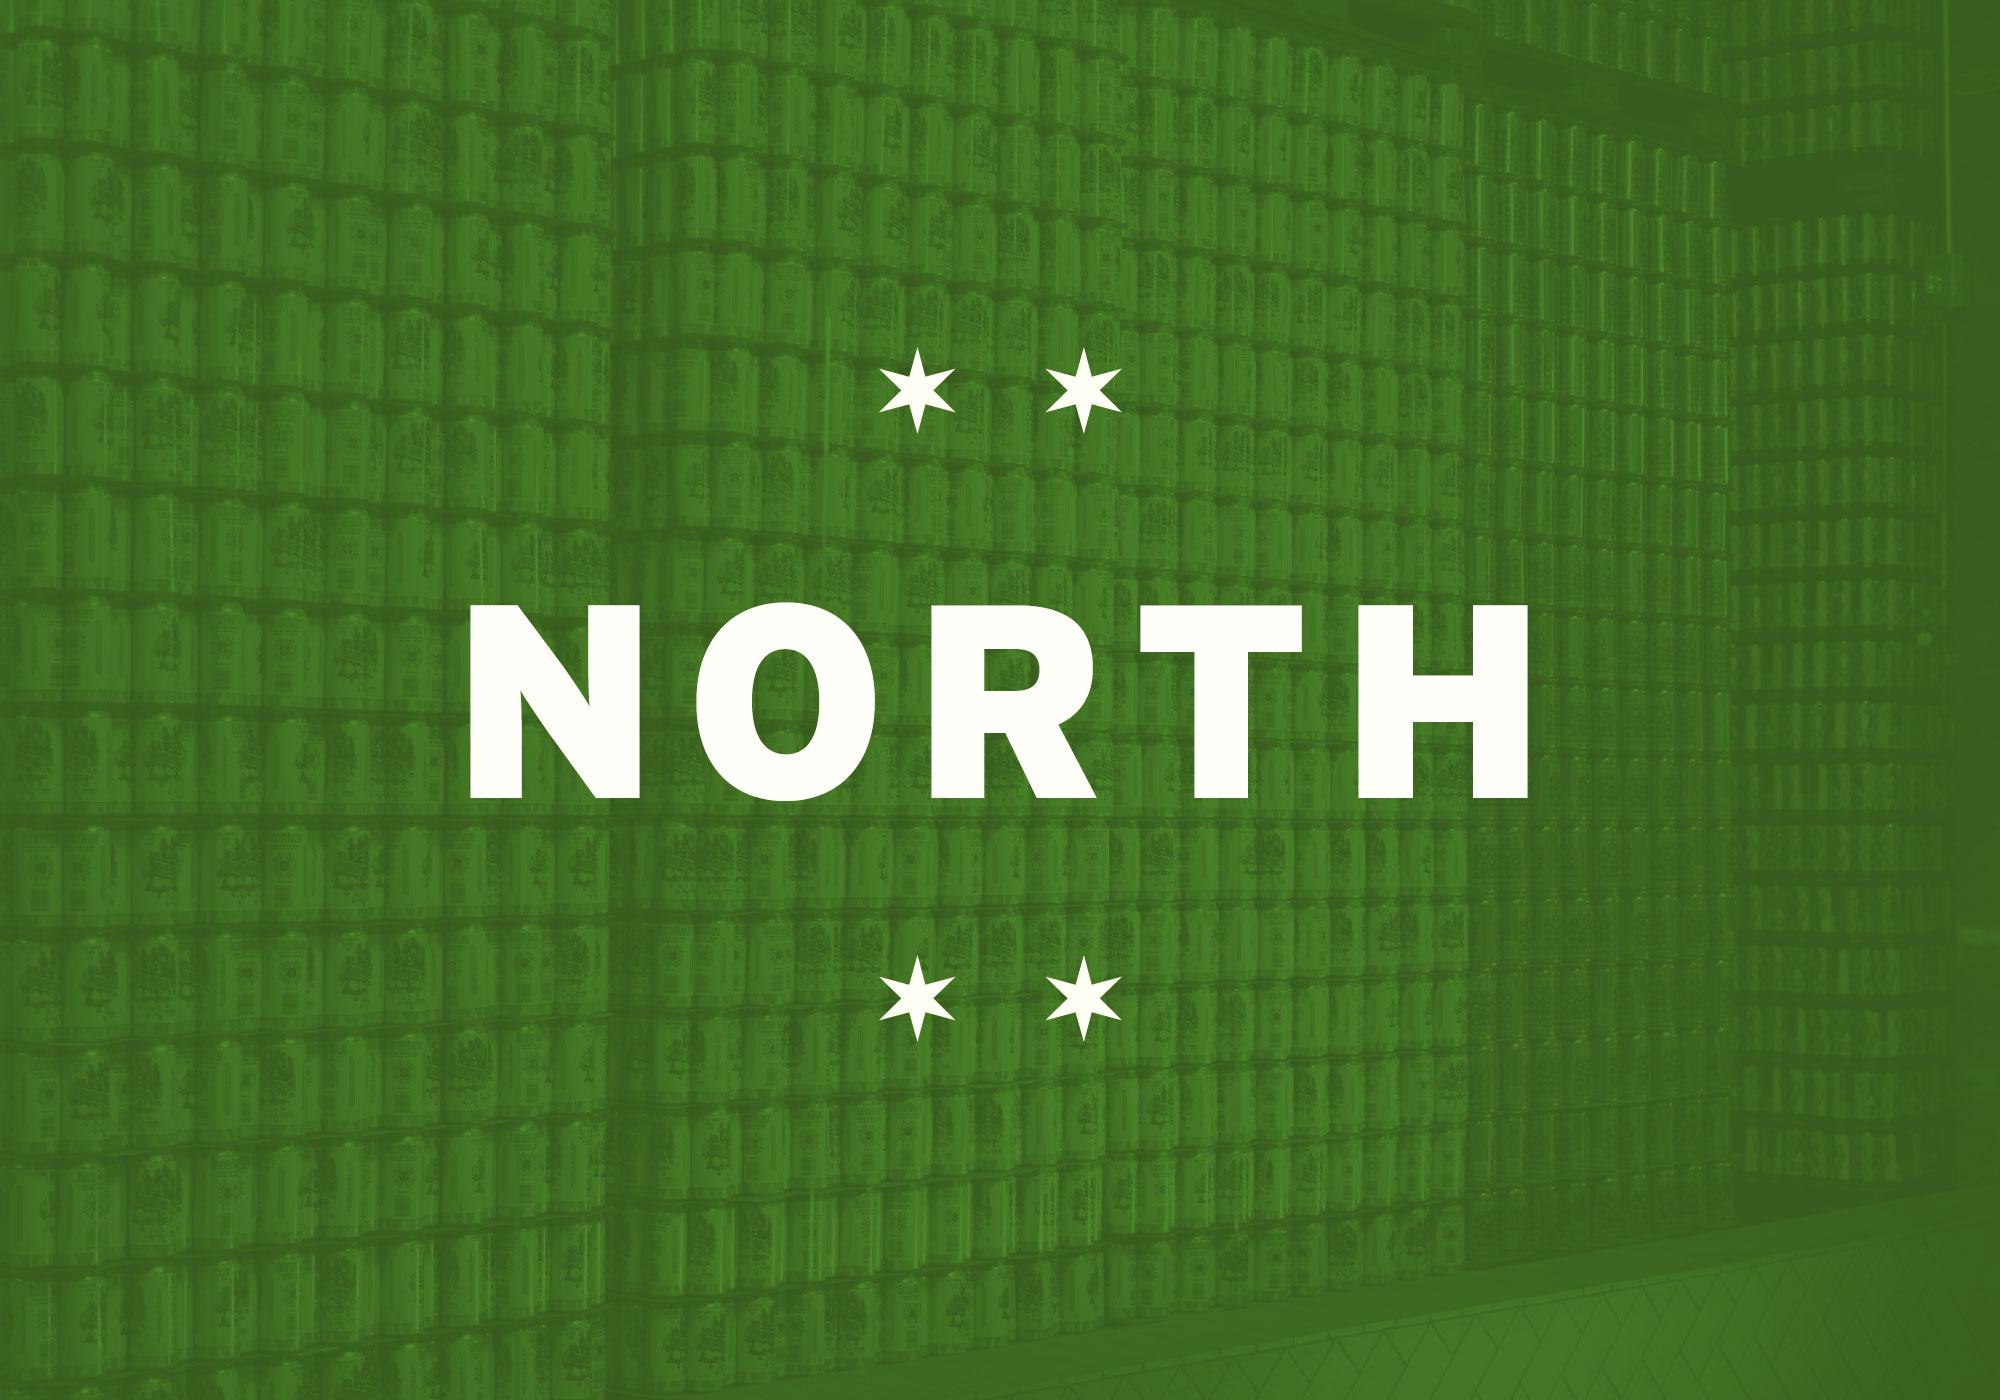 ChicagoBreweryBracket_2018_NORTH-Button.jpg